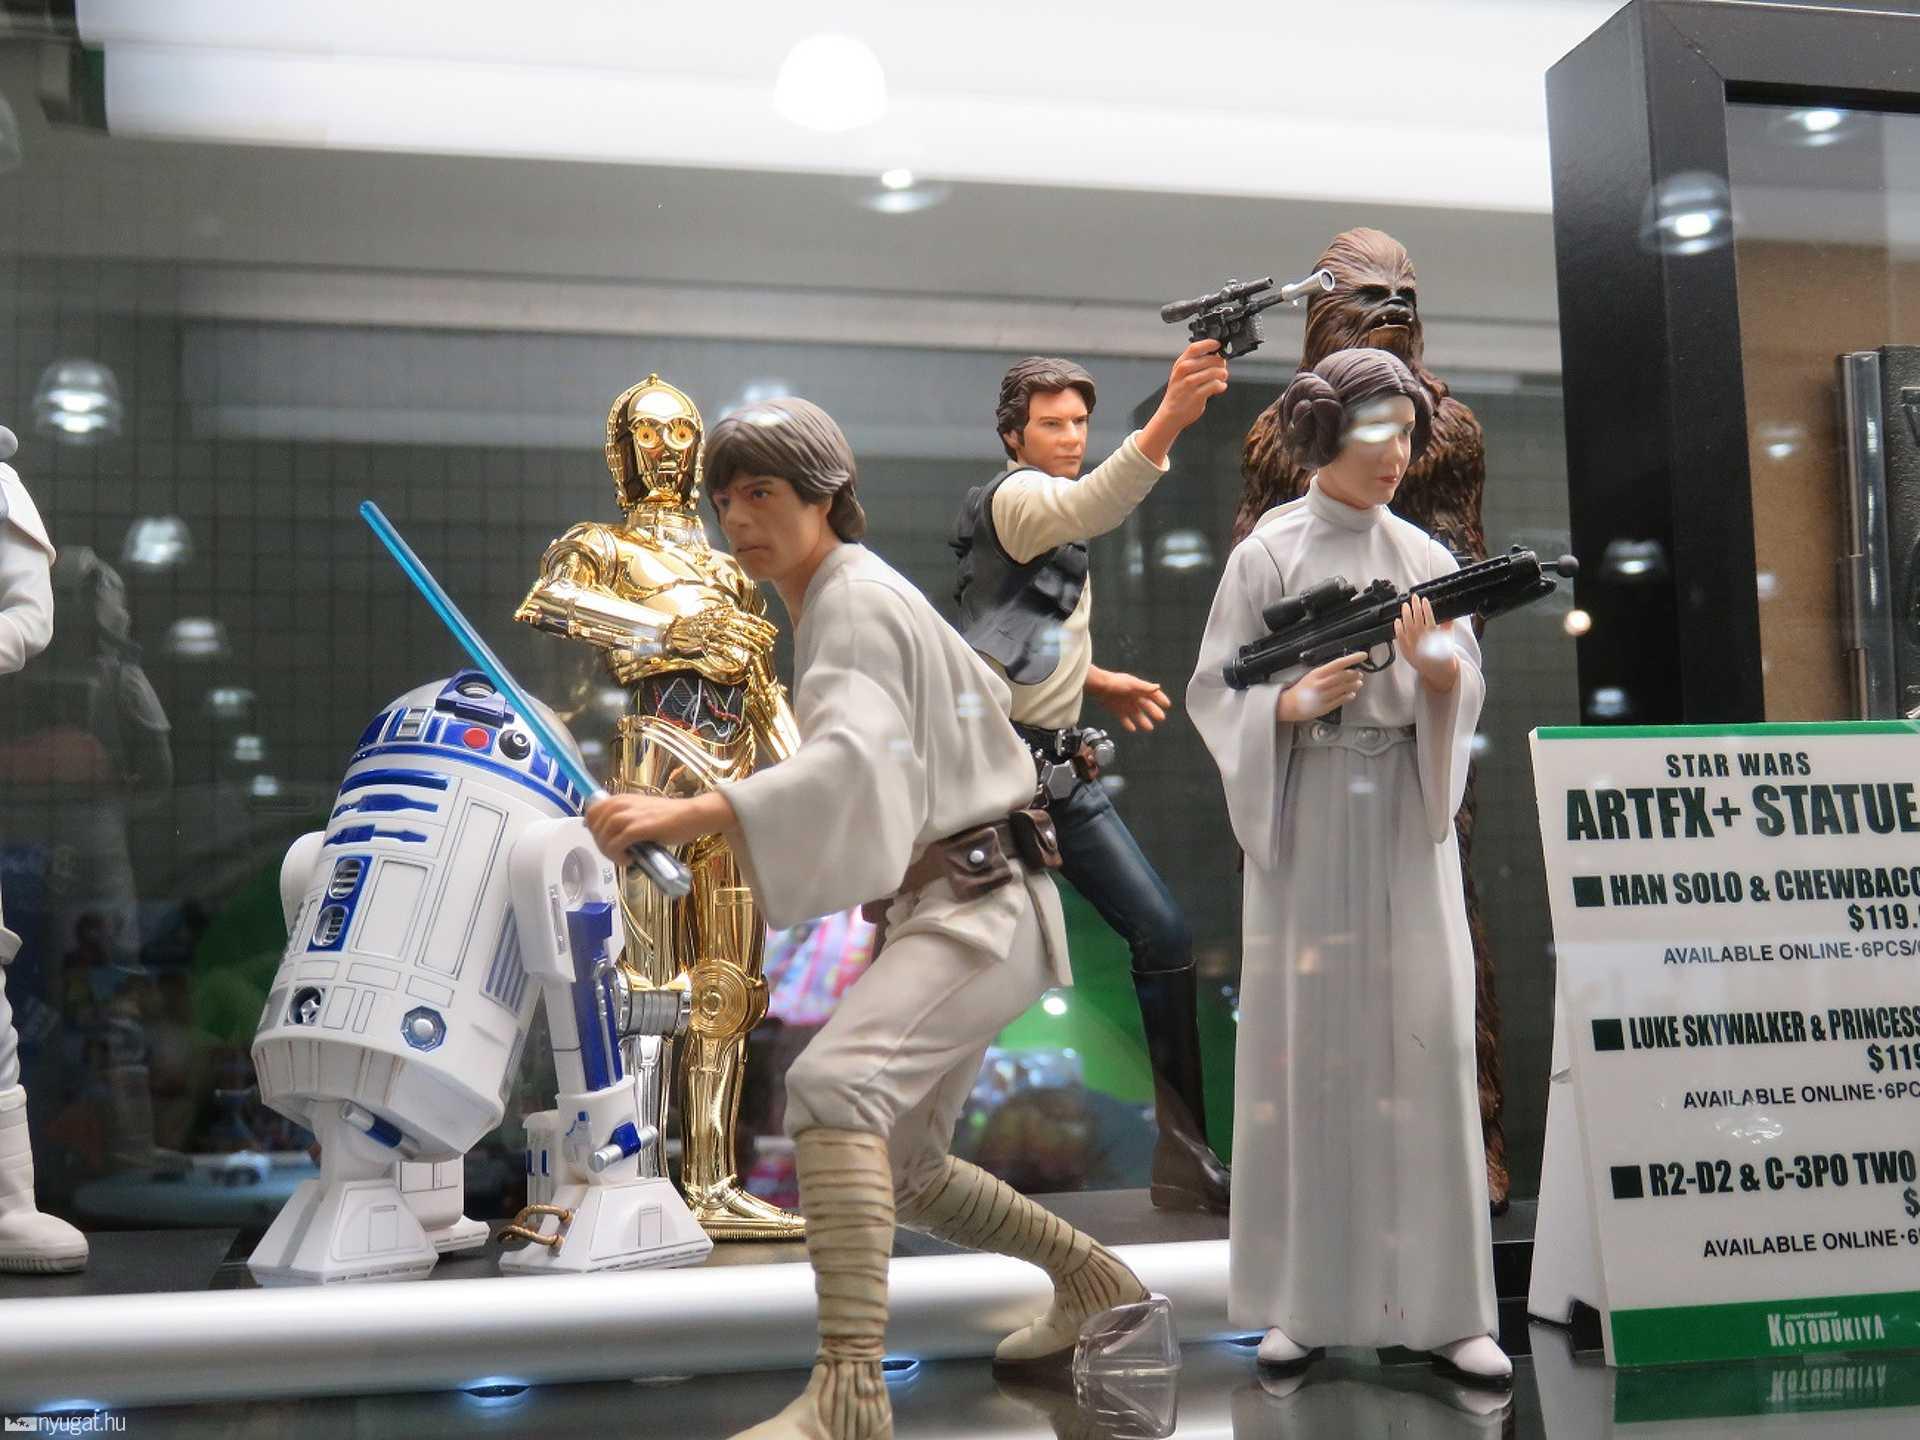 Természetesen a Star Wars sem maradhatott ki